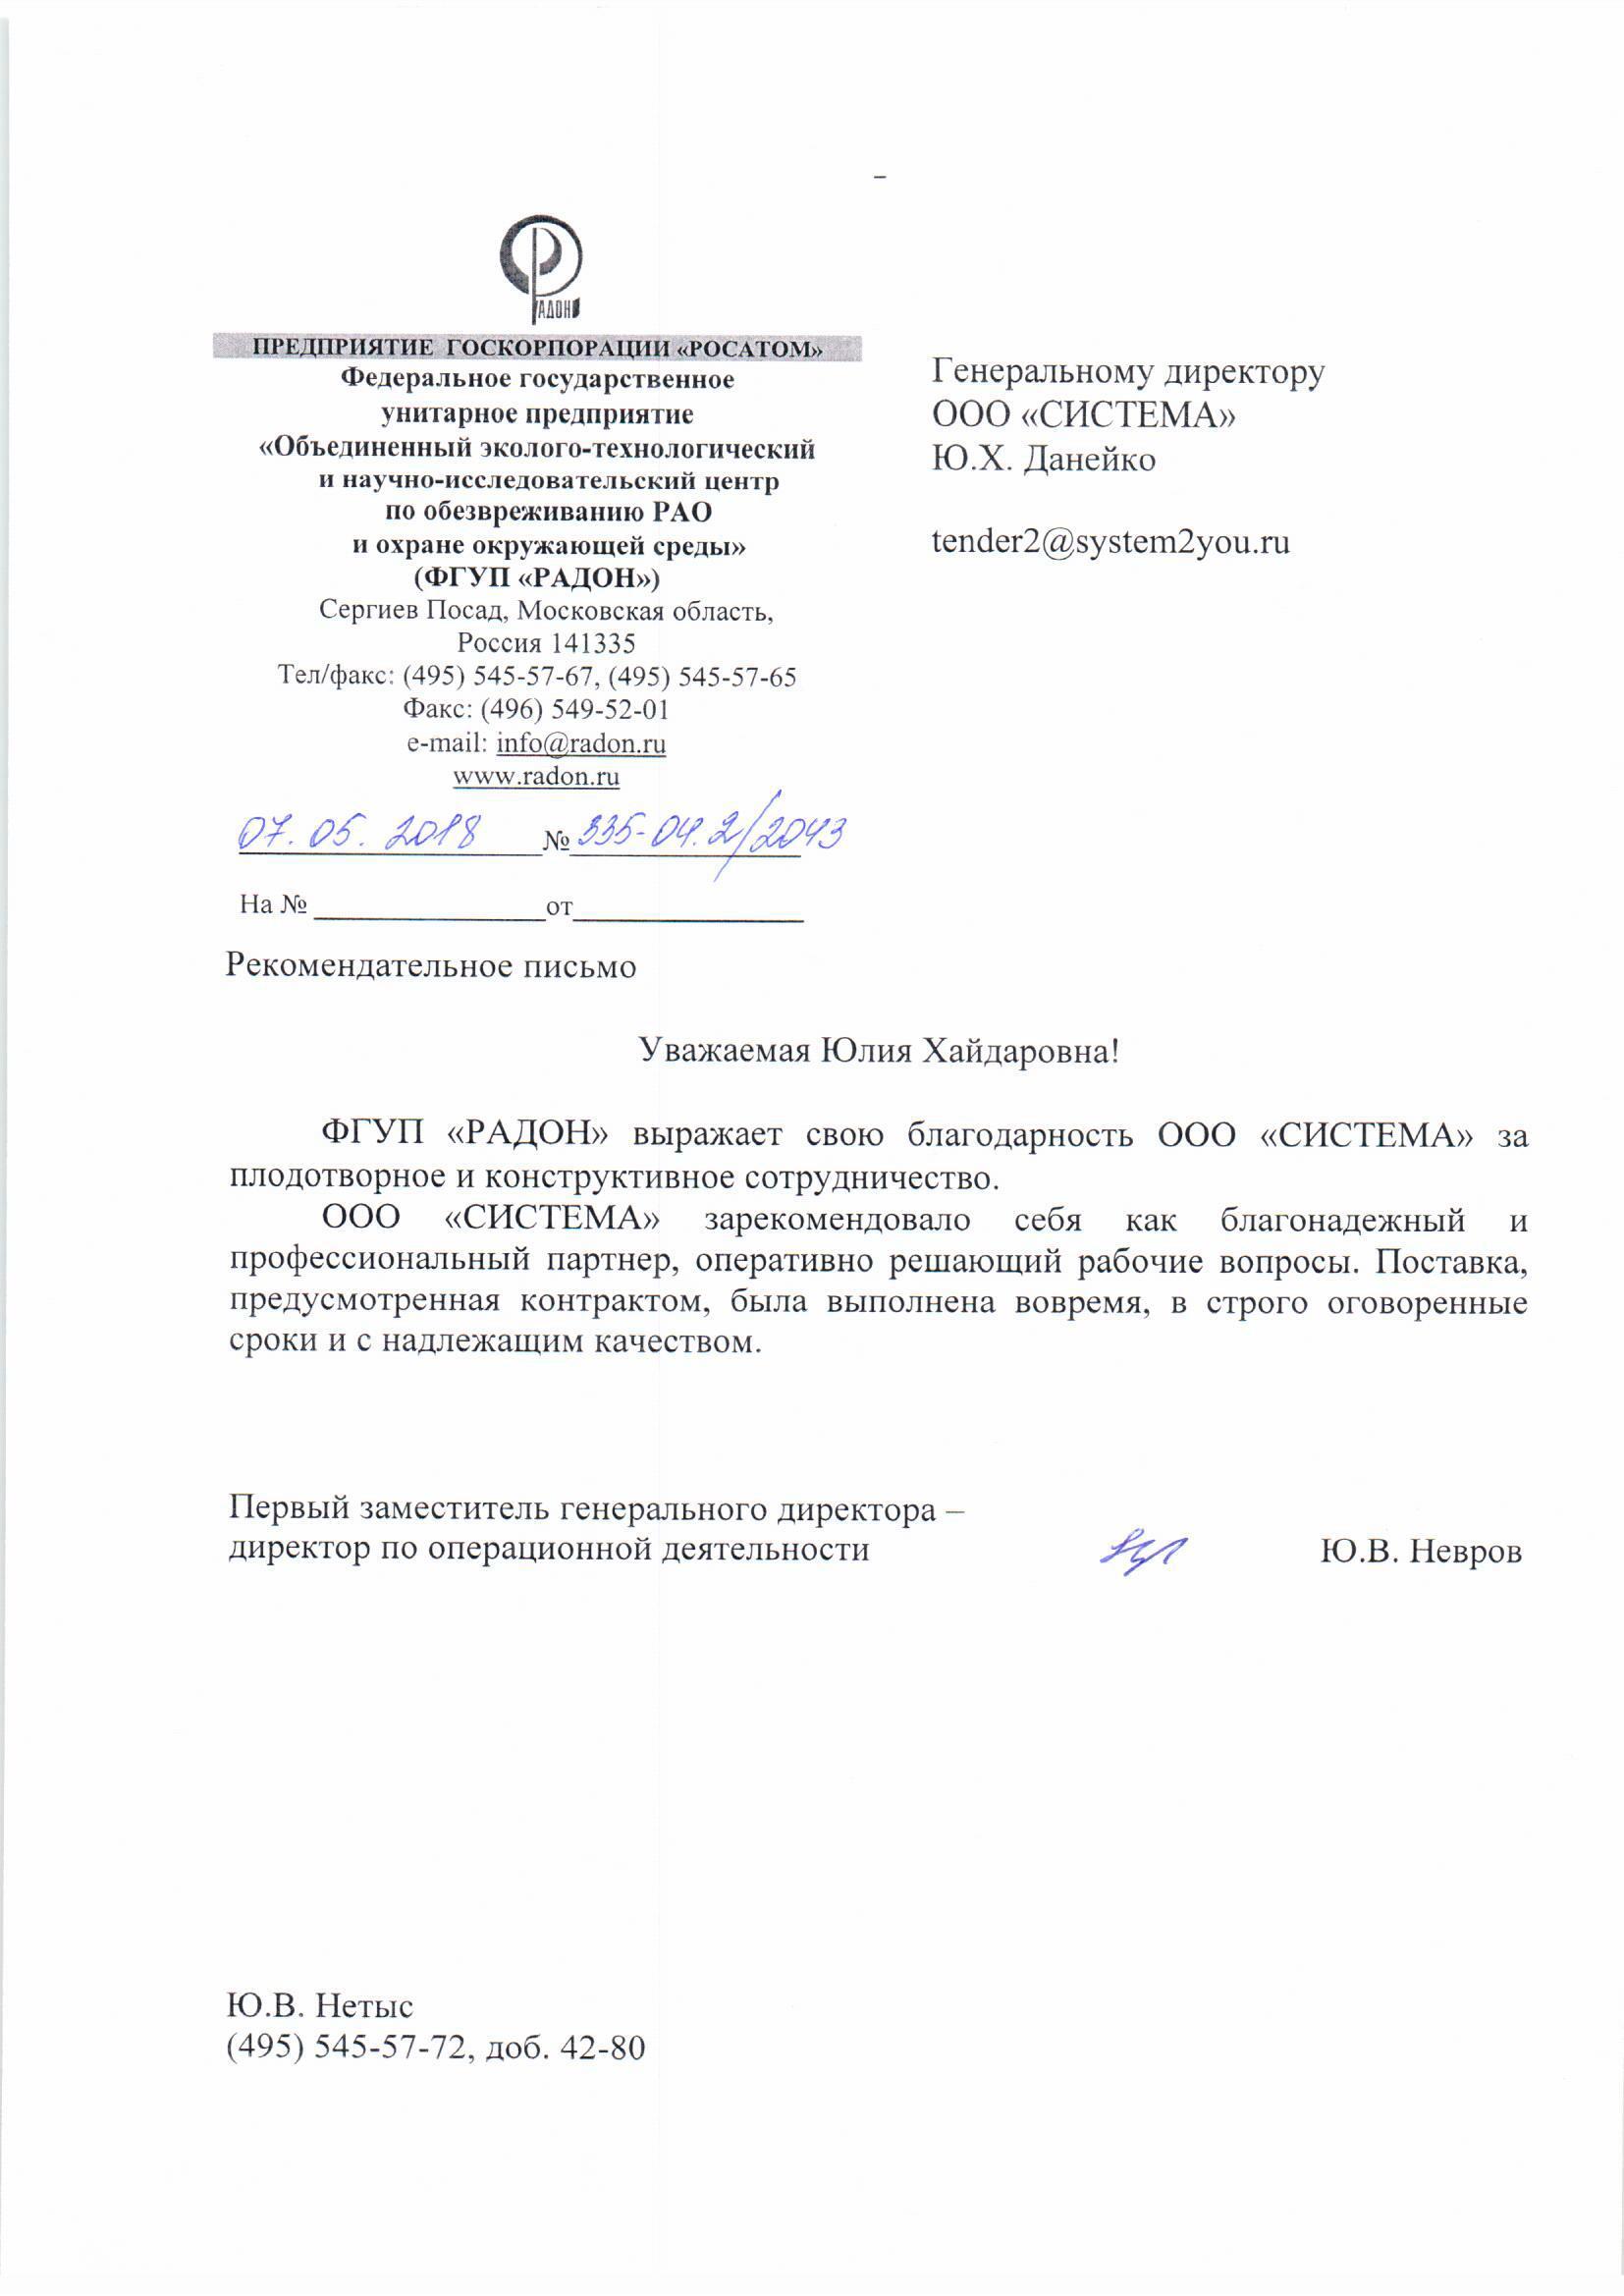 Отзыв ФГУП Радон